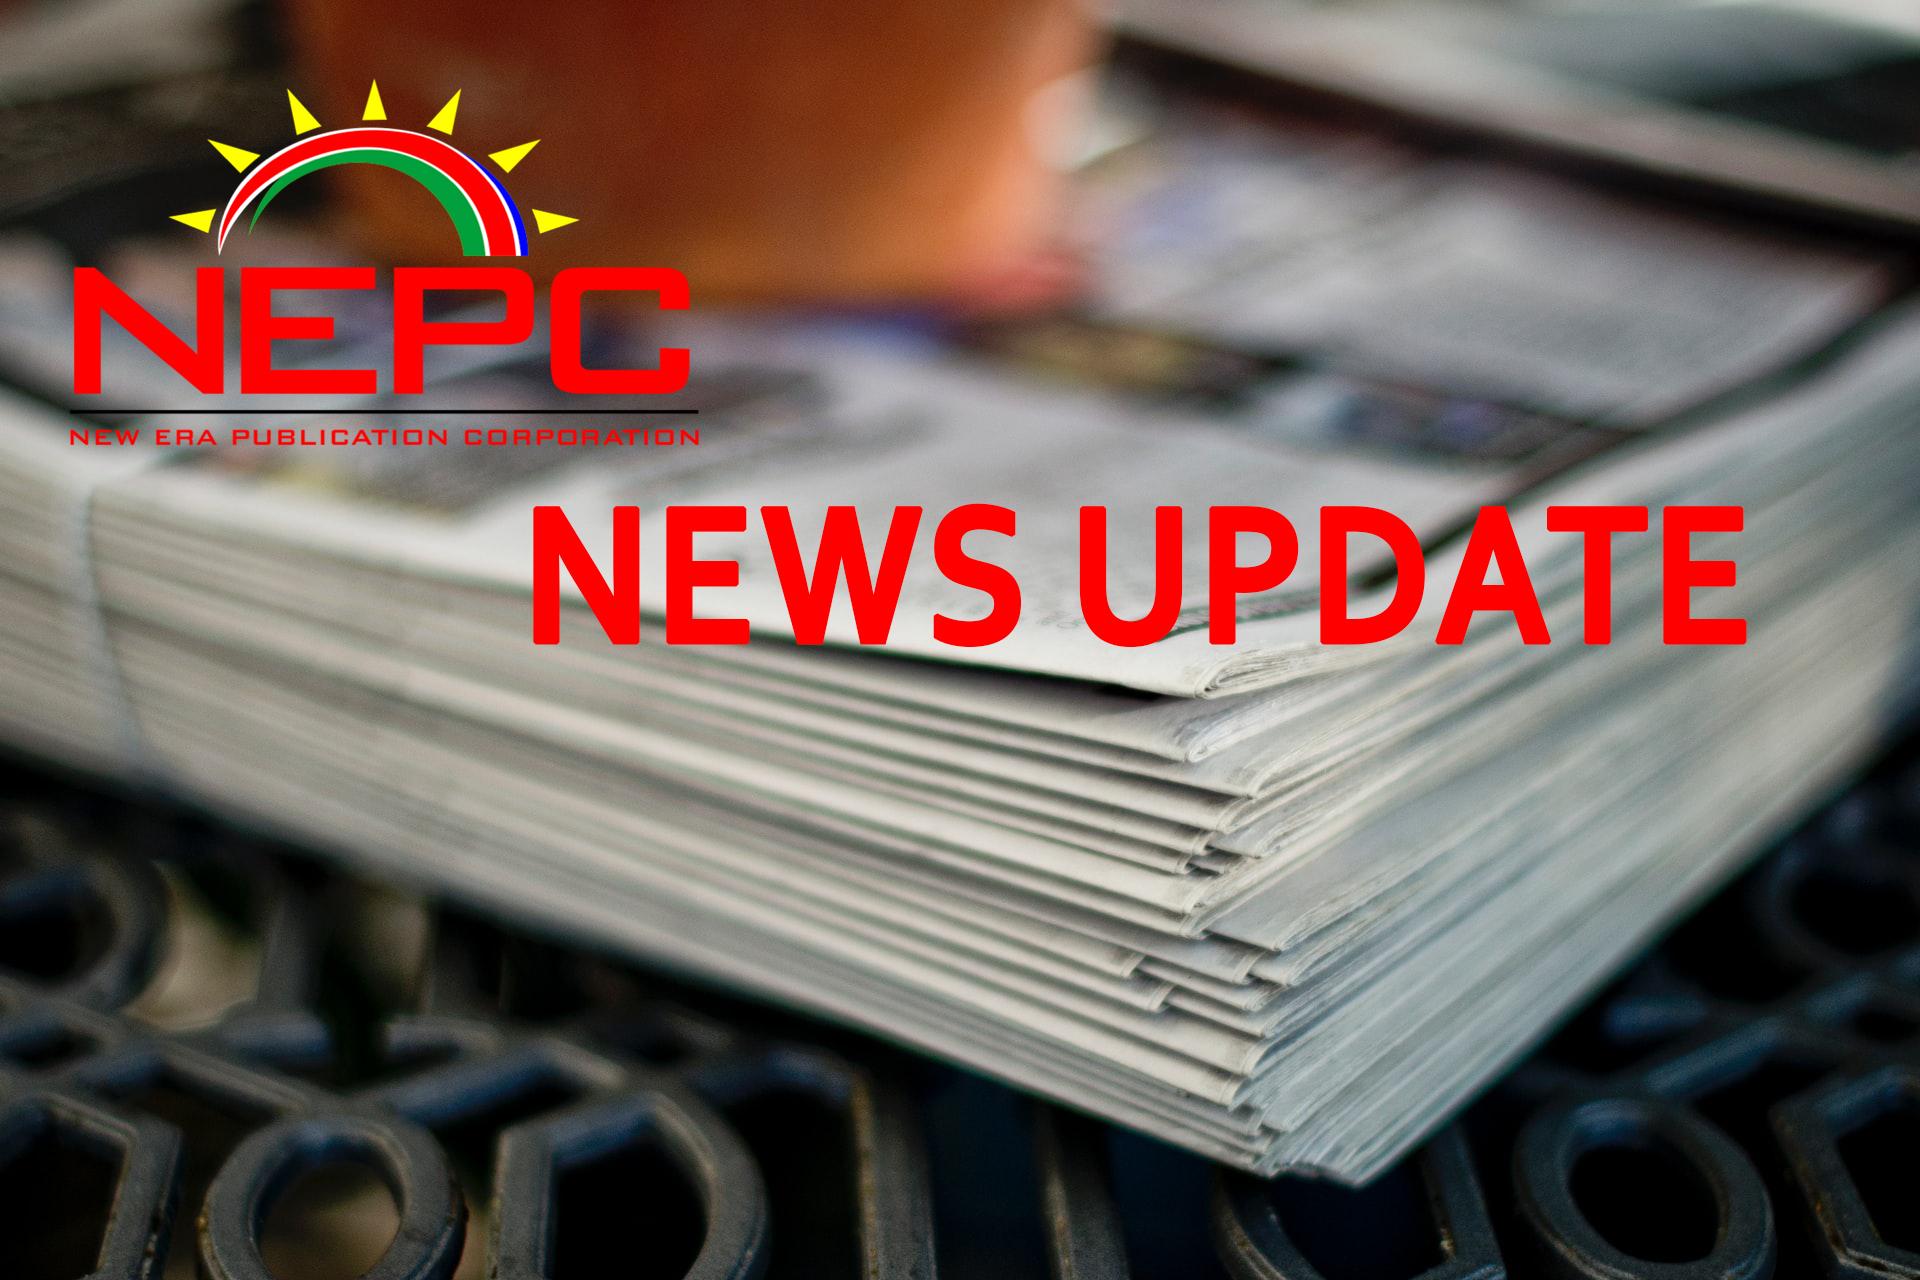 Dagga suspect granted N$9 000 bail in Rundu